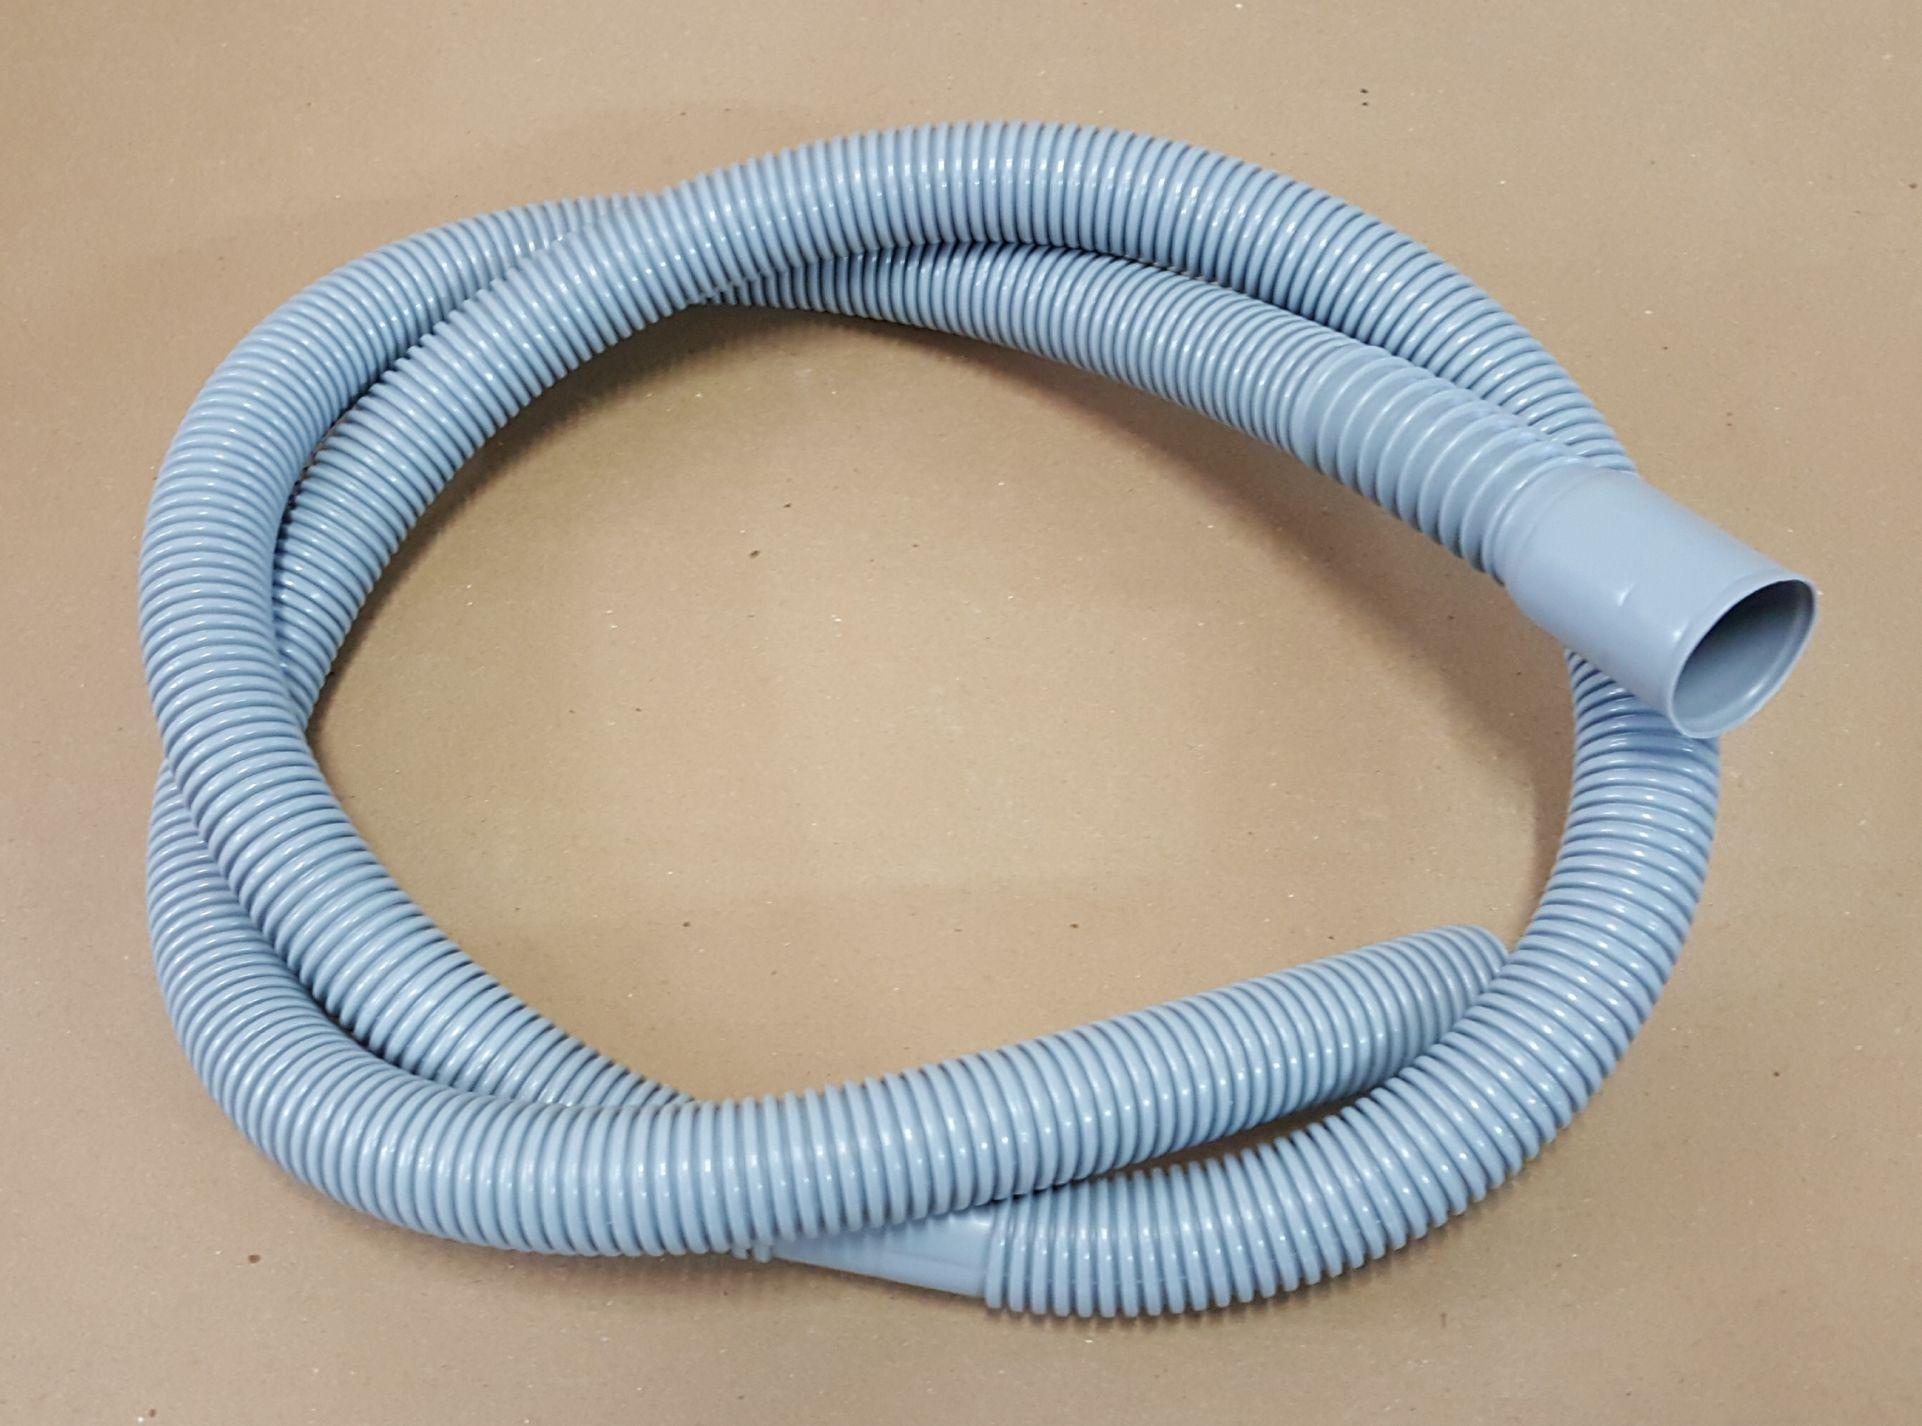 Mangueira de saída da lavadora Consul - 326064034 - Whirlpool